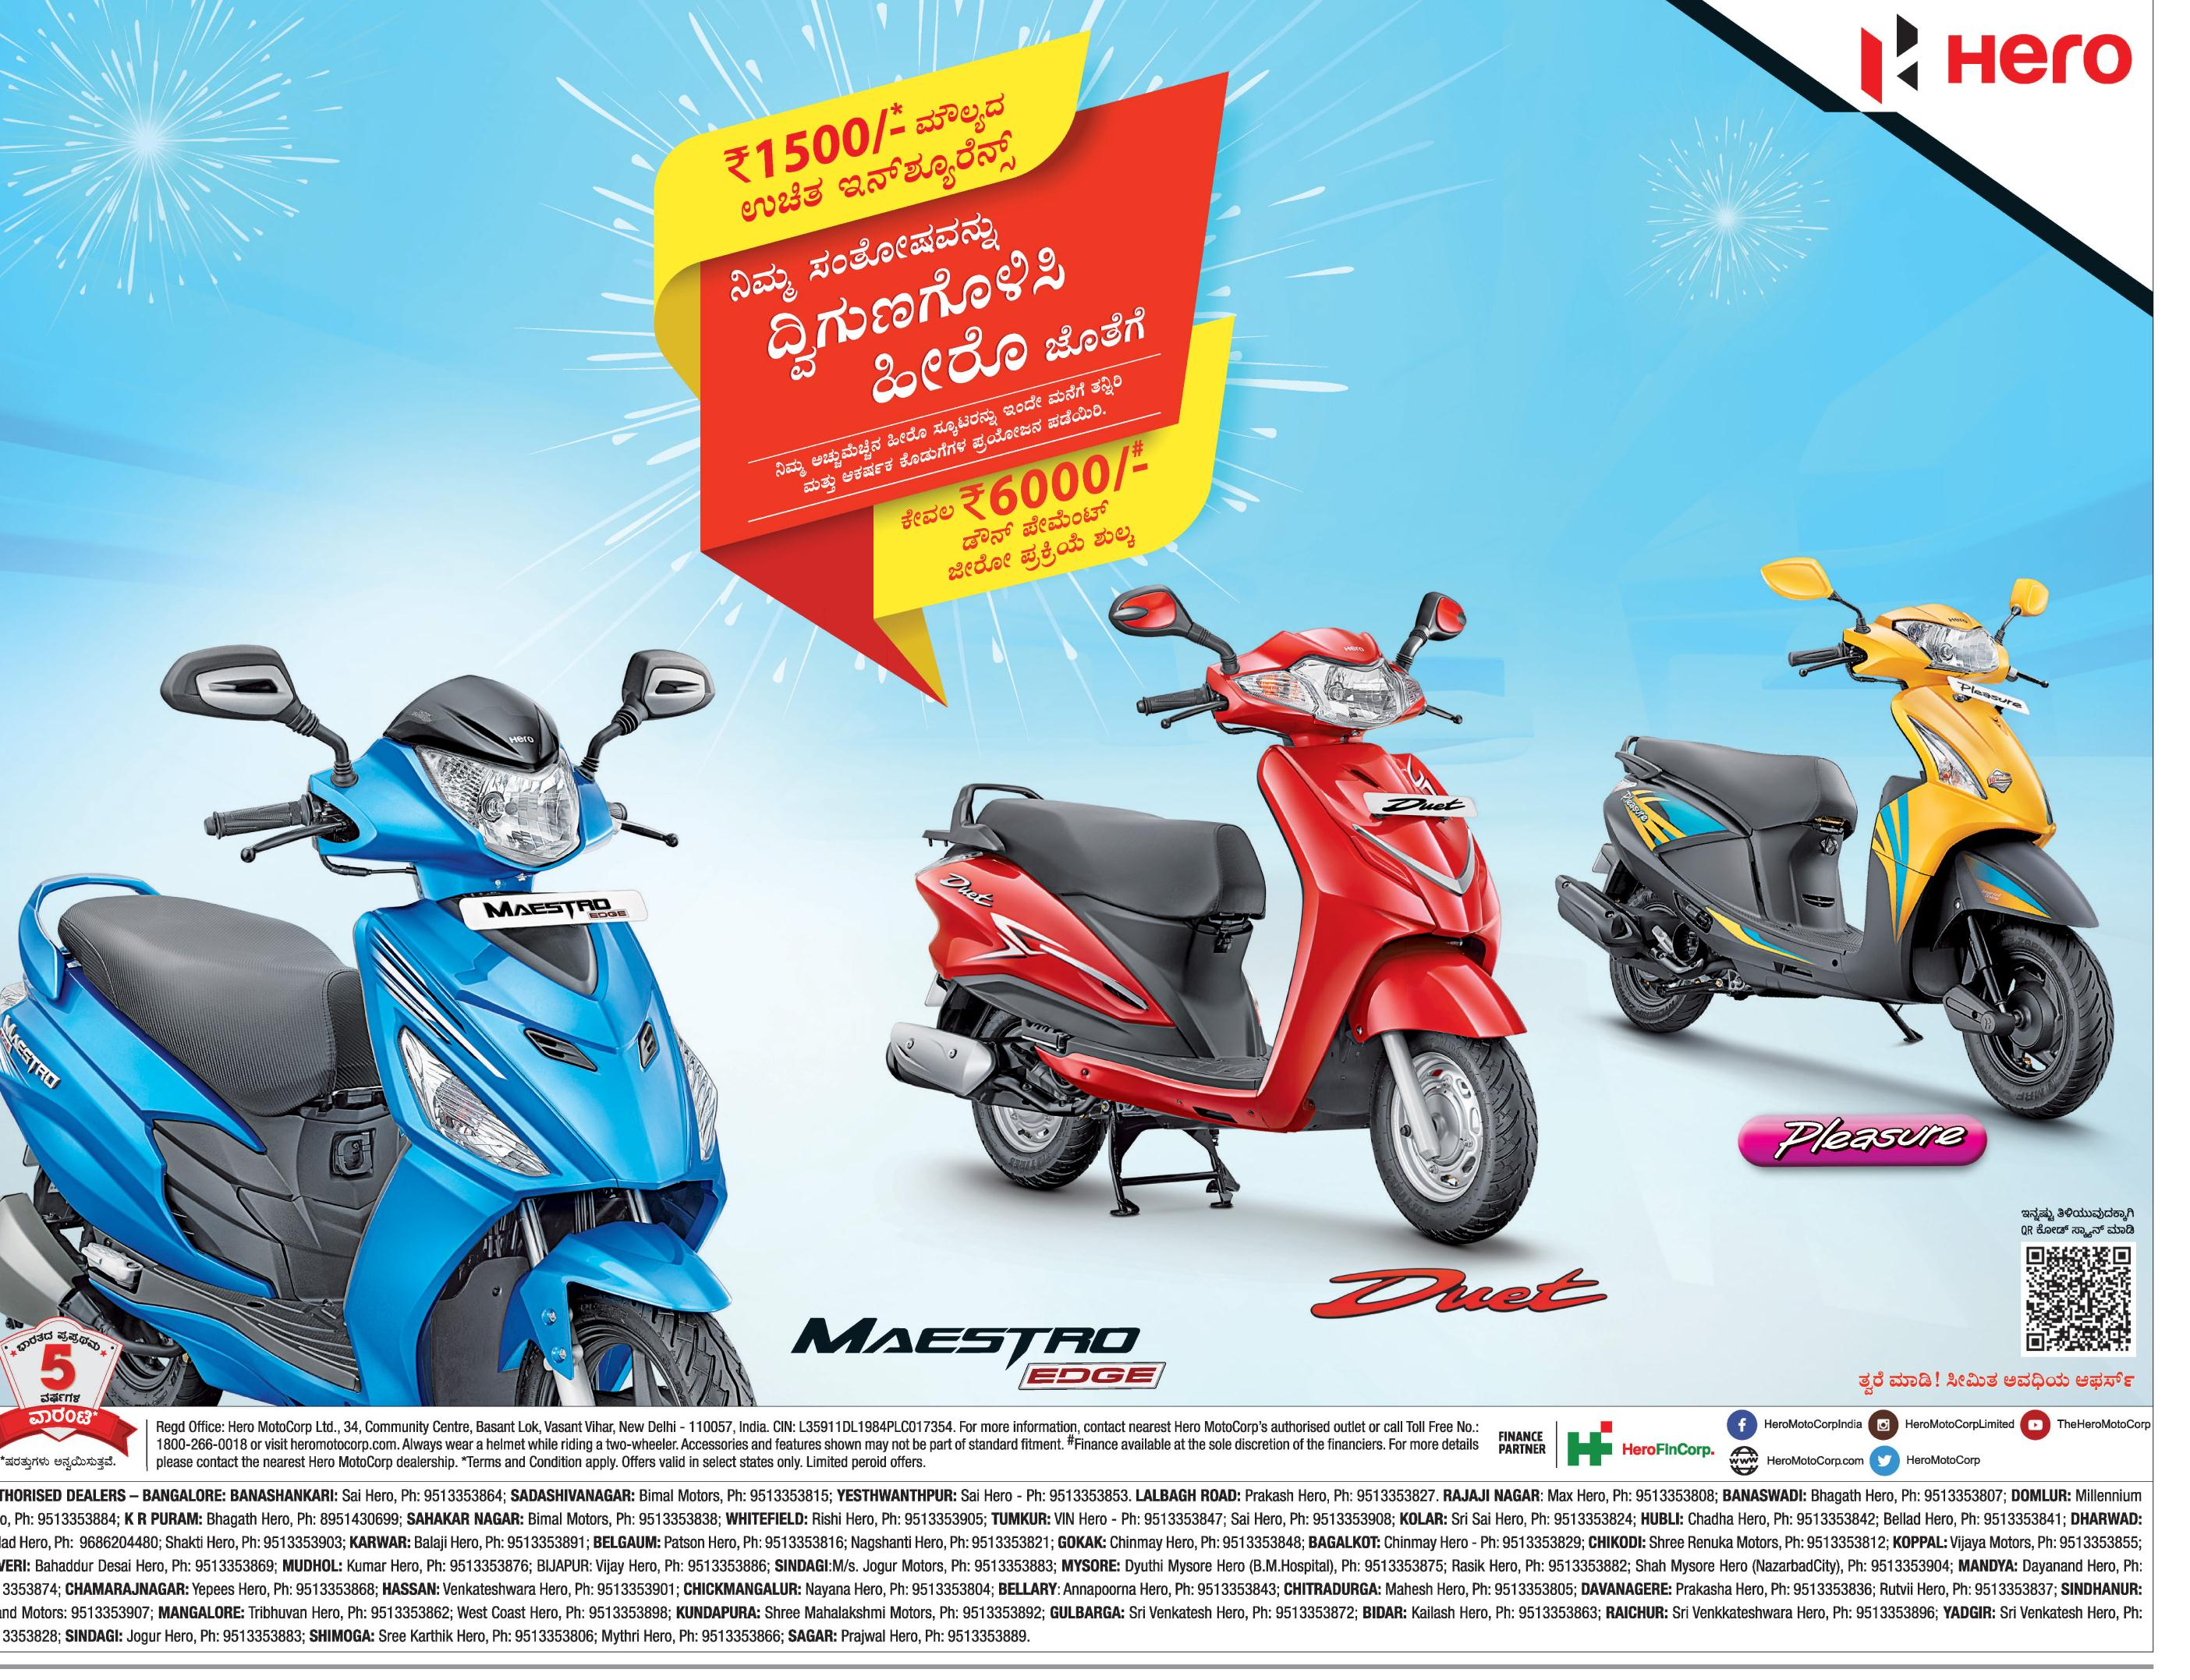 hero vehicle vijay karnataka newspaper advertisement